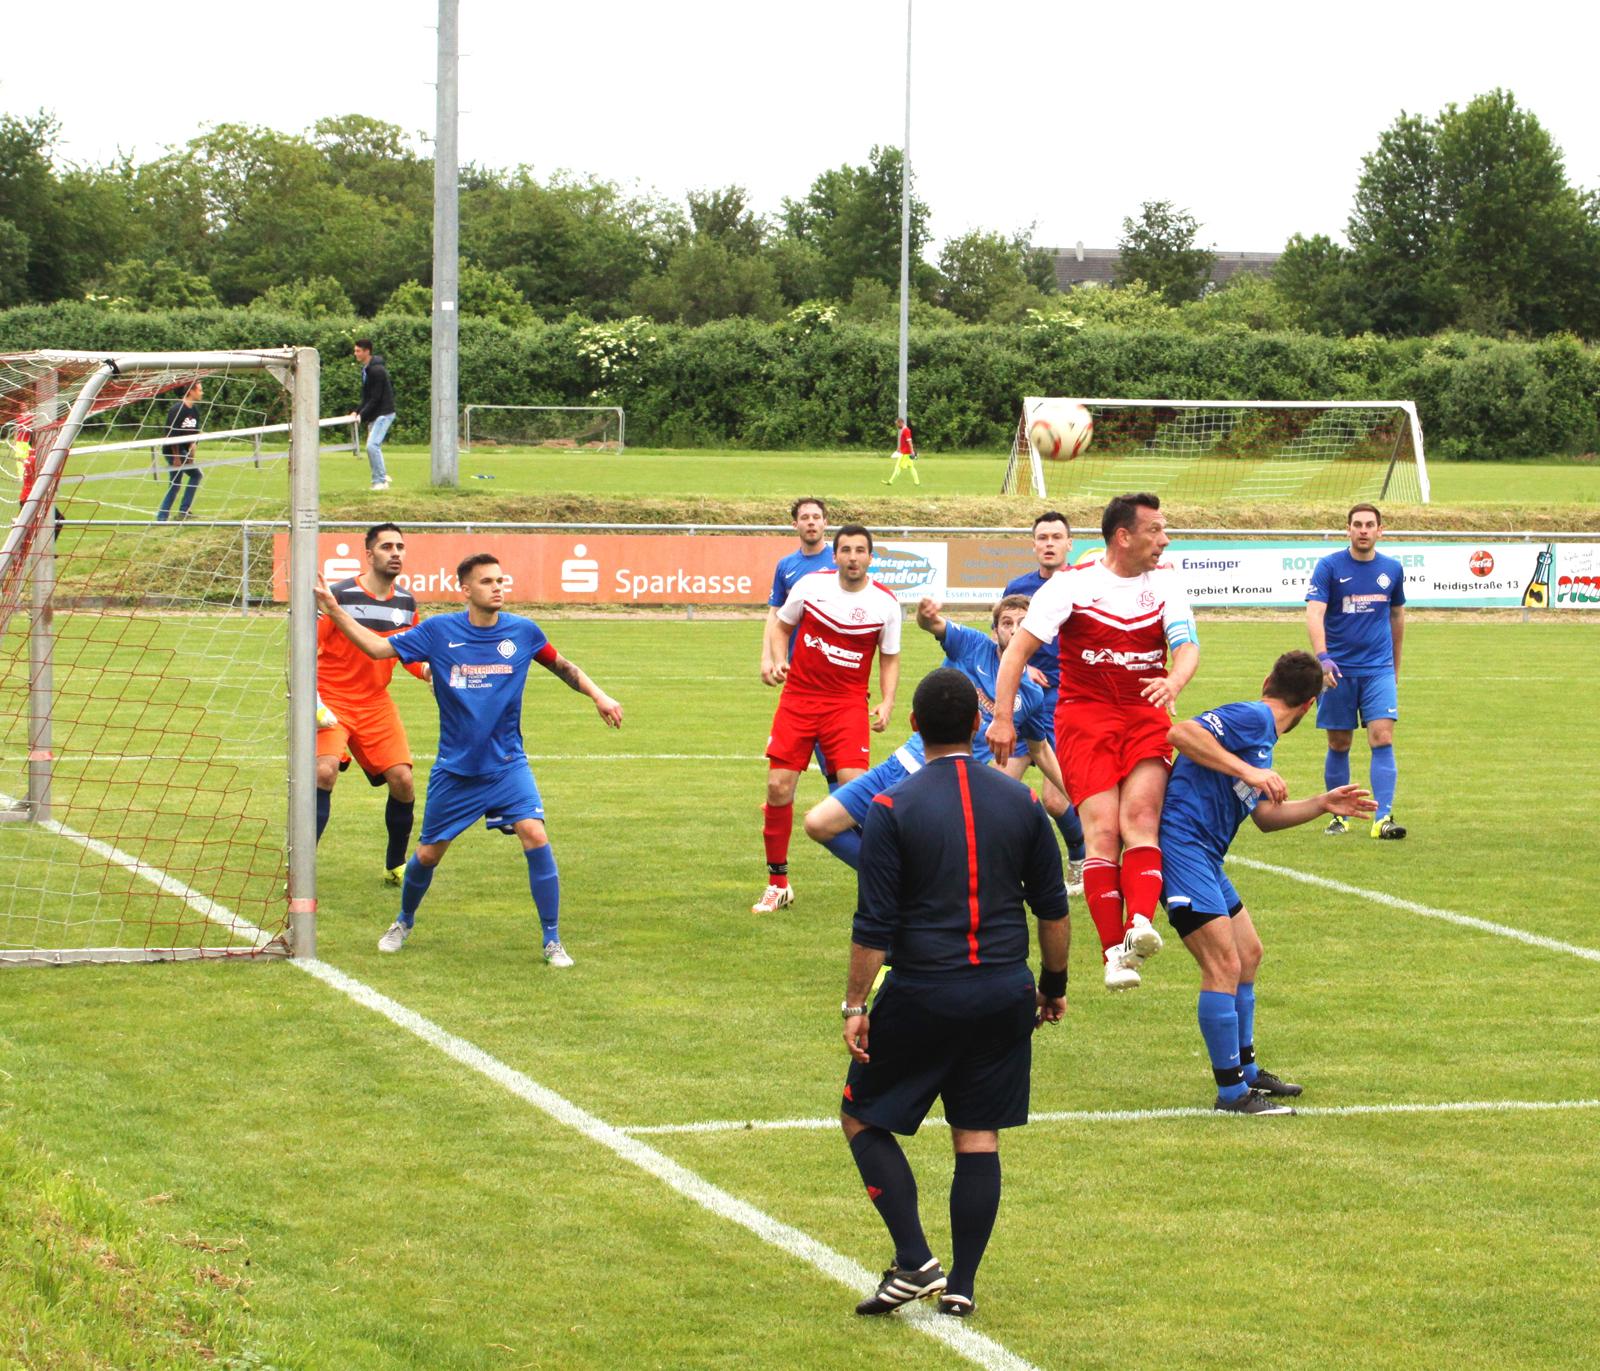 Im letzten Saisonspiel der TuS-Reserve gegen den FC Östringen II mischte Coach Andreas Schmidt noch einmal selbst aktiv mit und zeigte u.a. bei dieser Strafraum-Szene seine Qualitäten.